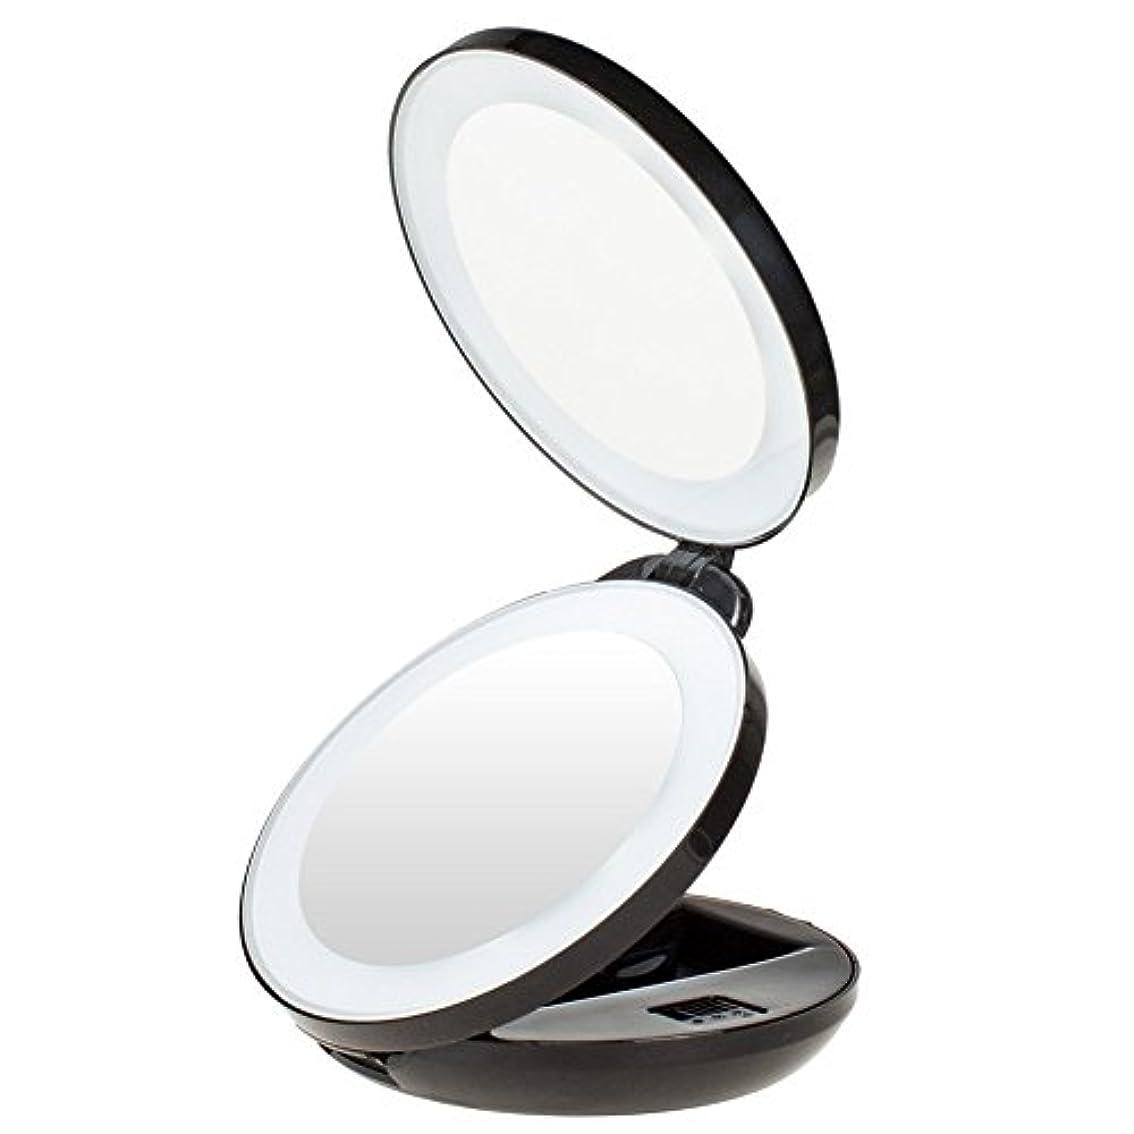 音声運命アリKEDSUM 手鏡 両面化粧鏡 コンパクトミラー LED化粧鏡 等倍鏡+10倍拡大鏡 LEDミラー 角度調整 折り畳み 丸型 おしゃれ ハンド 携帯ミラー 旅行ミラー 女優ミラー